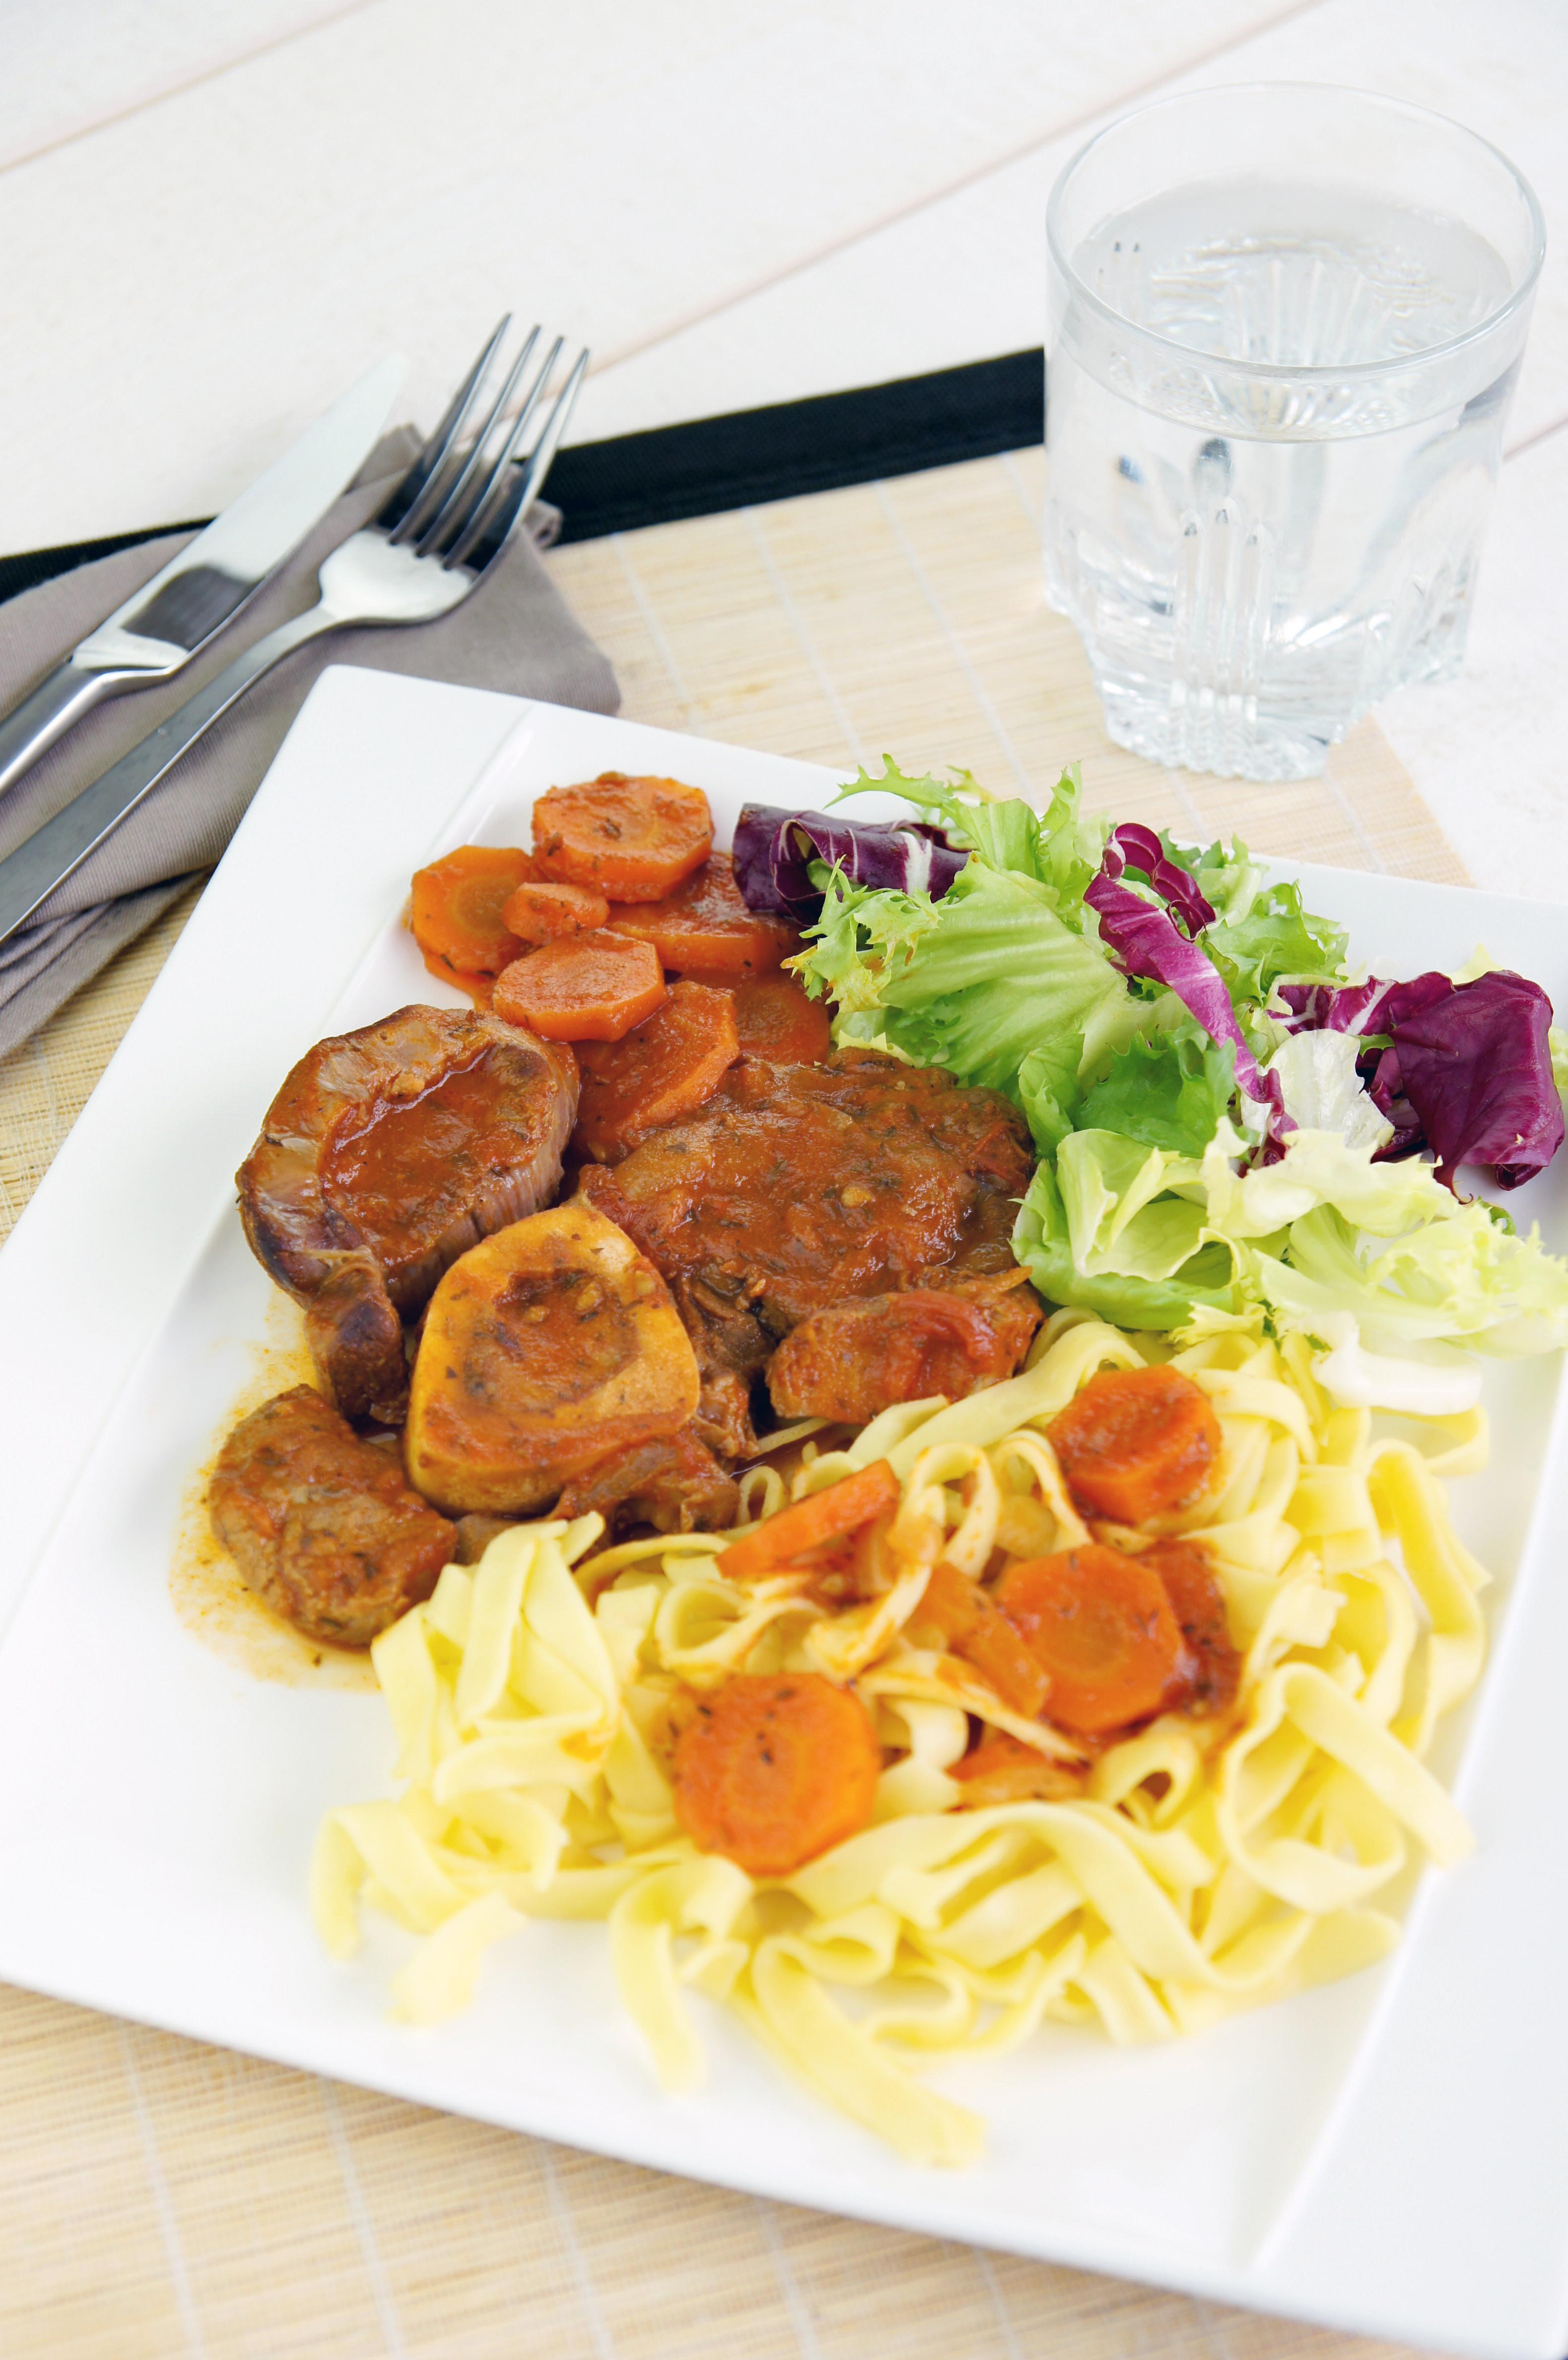 Osso bucco un grand classique de la cuisine italienne servir avec des tagliatelles fra ches - Grand classique cuisine francaise ...